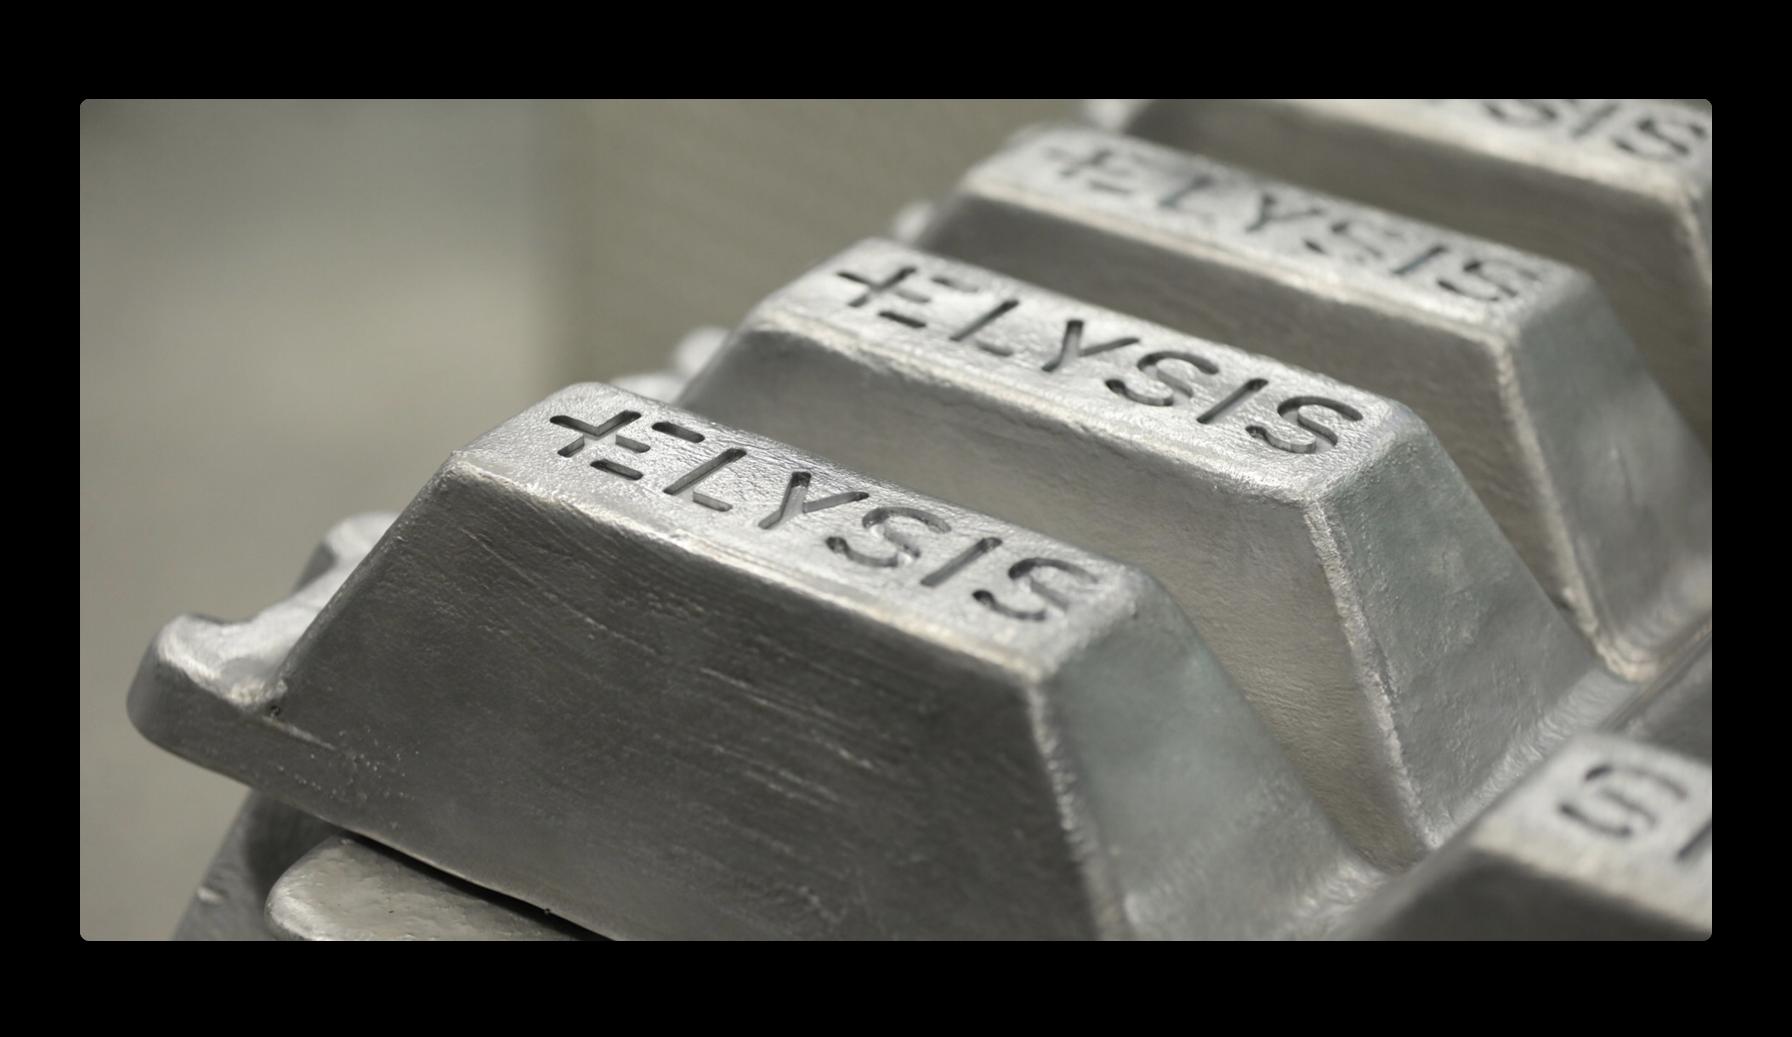 Apple、先進のカーボンフリー アルミニウム精練法の実現に 道を開く